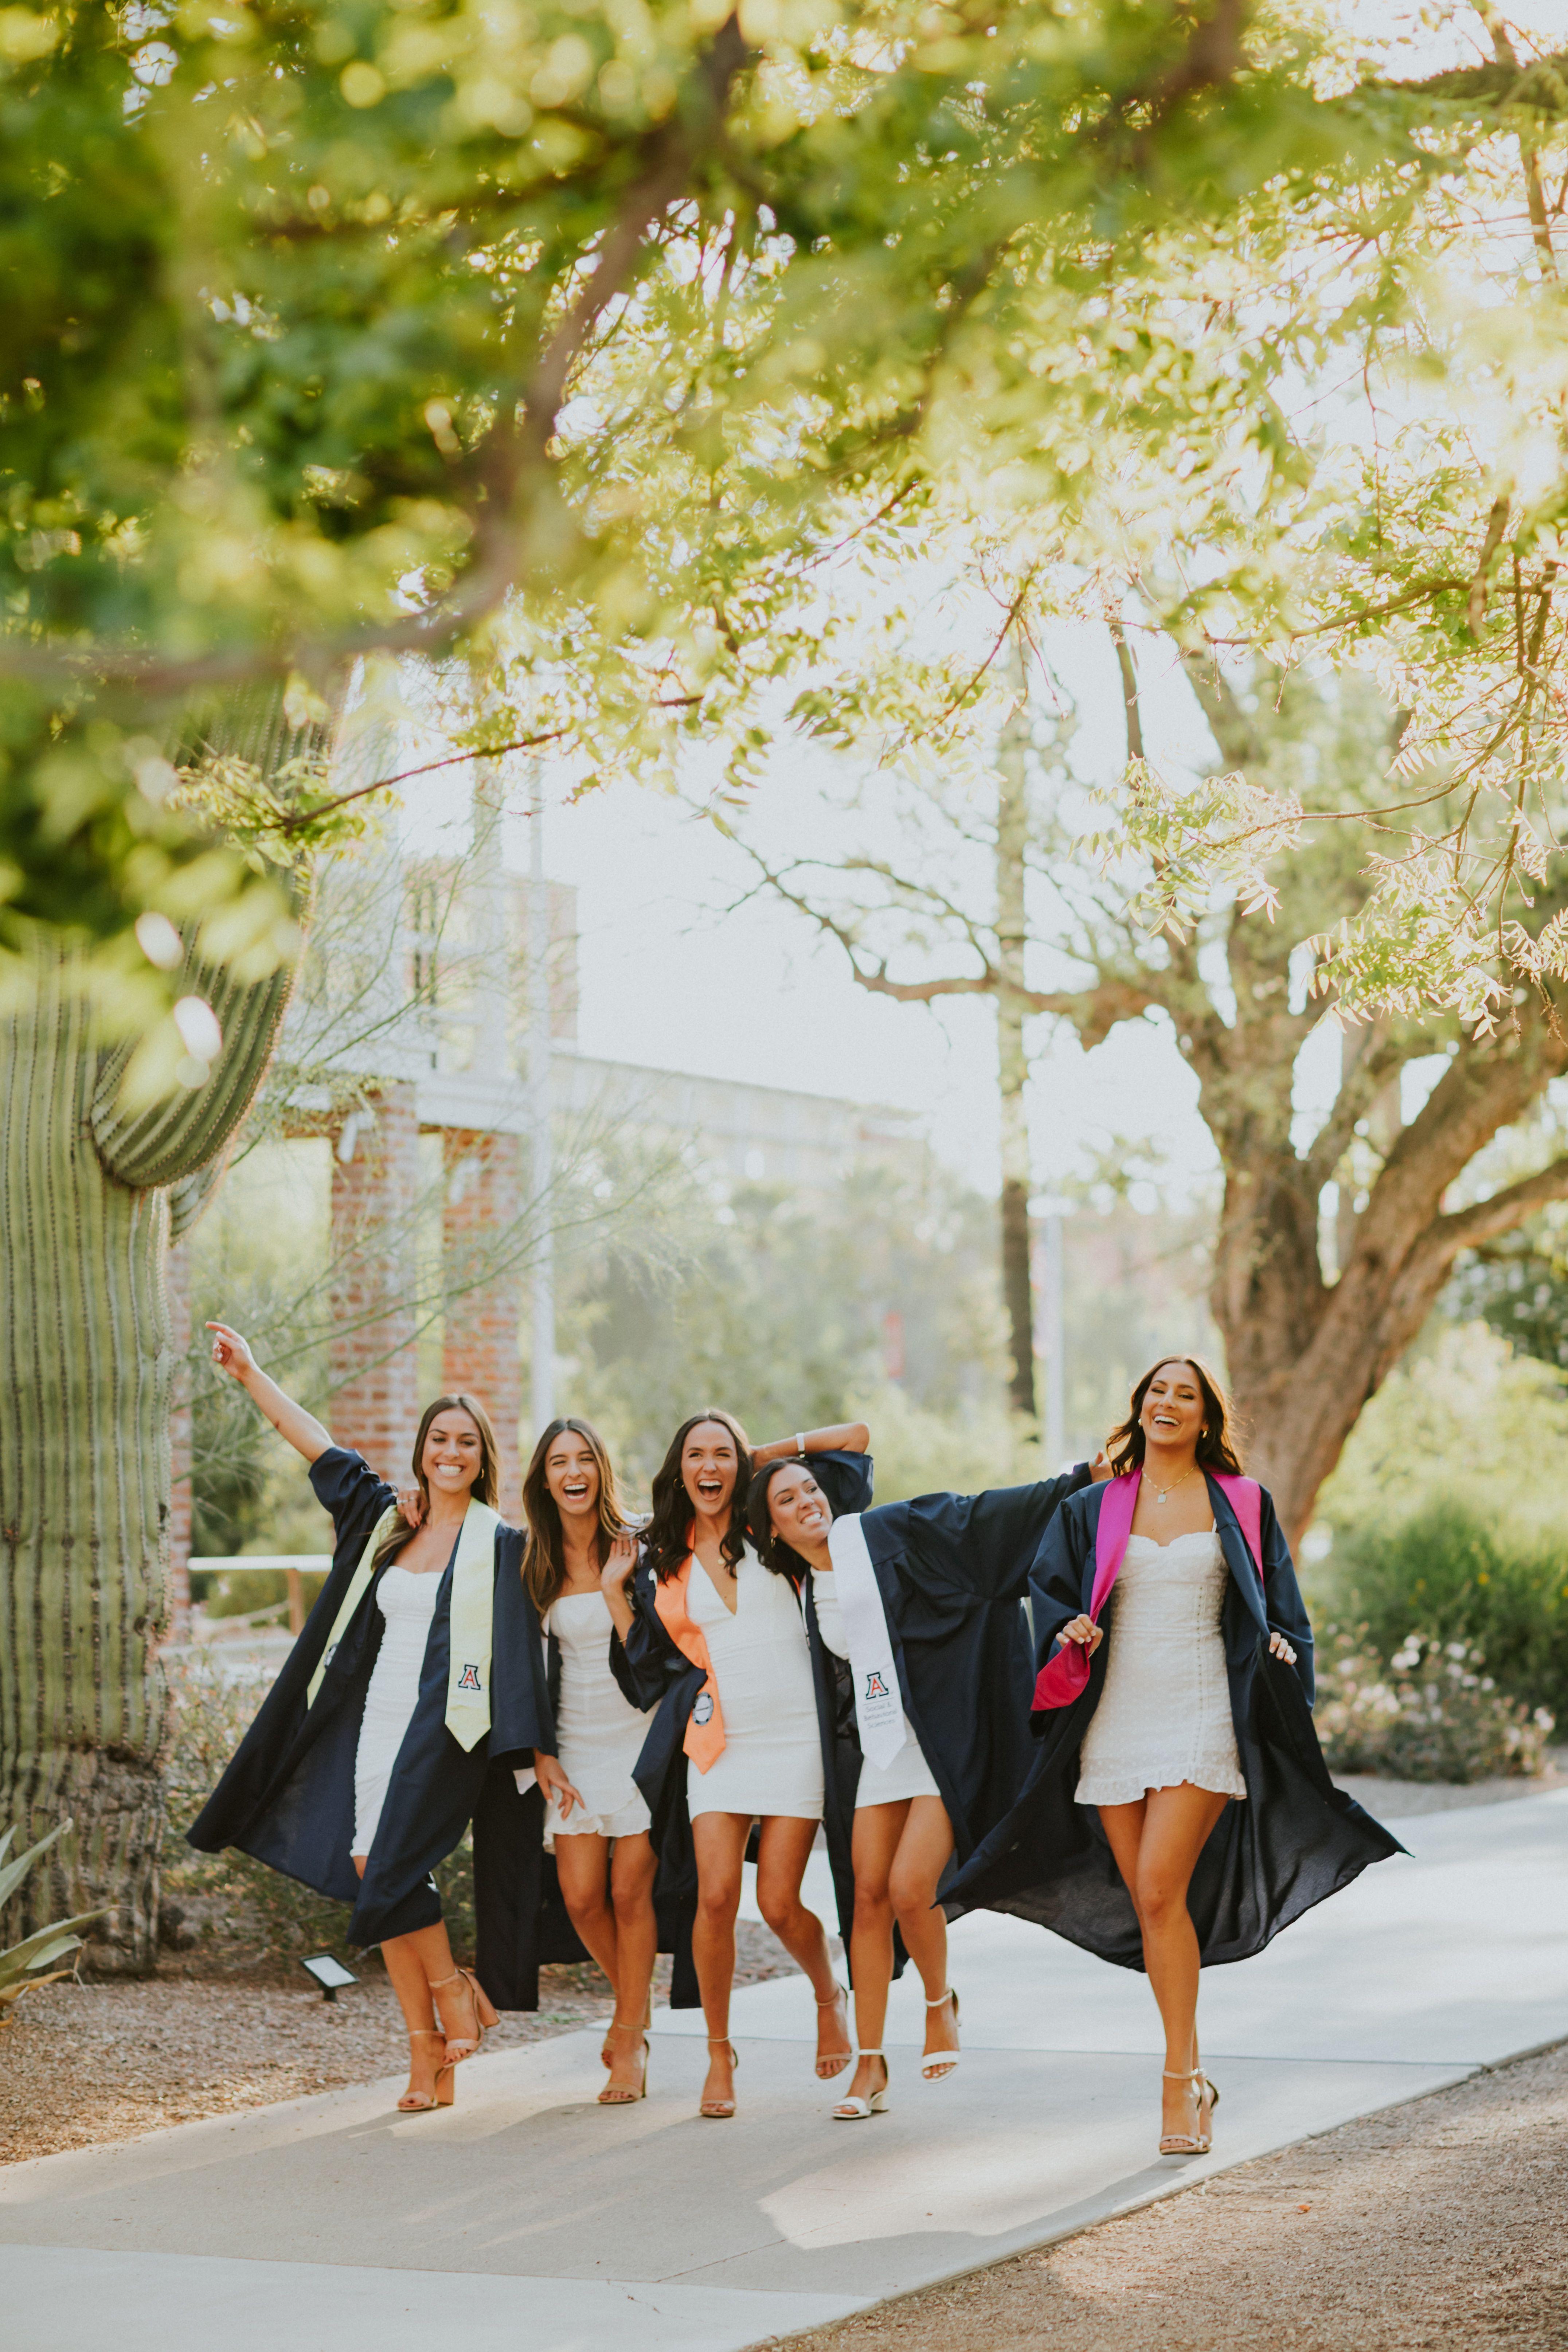 Walking With Best Friends Photoshoot Idea Grad Photoshoot Graduation Picture Poses Graduation Photoshoot